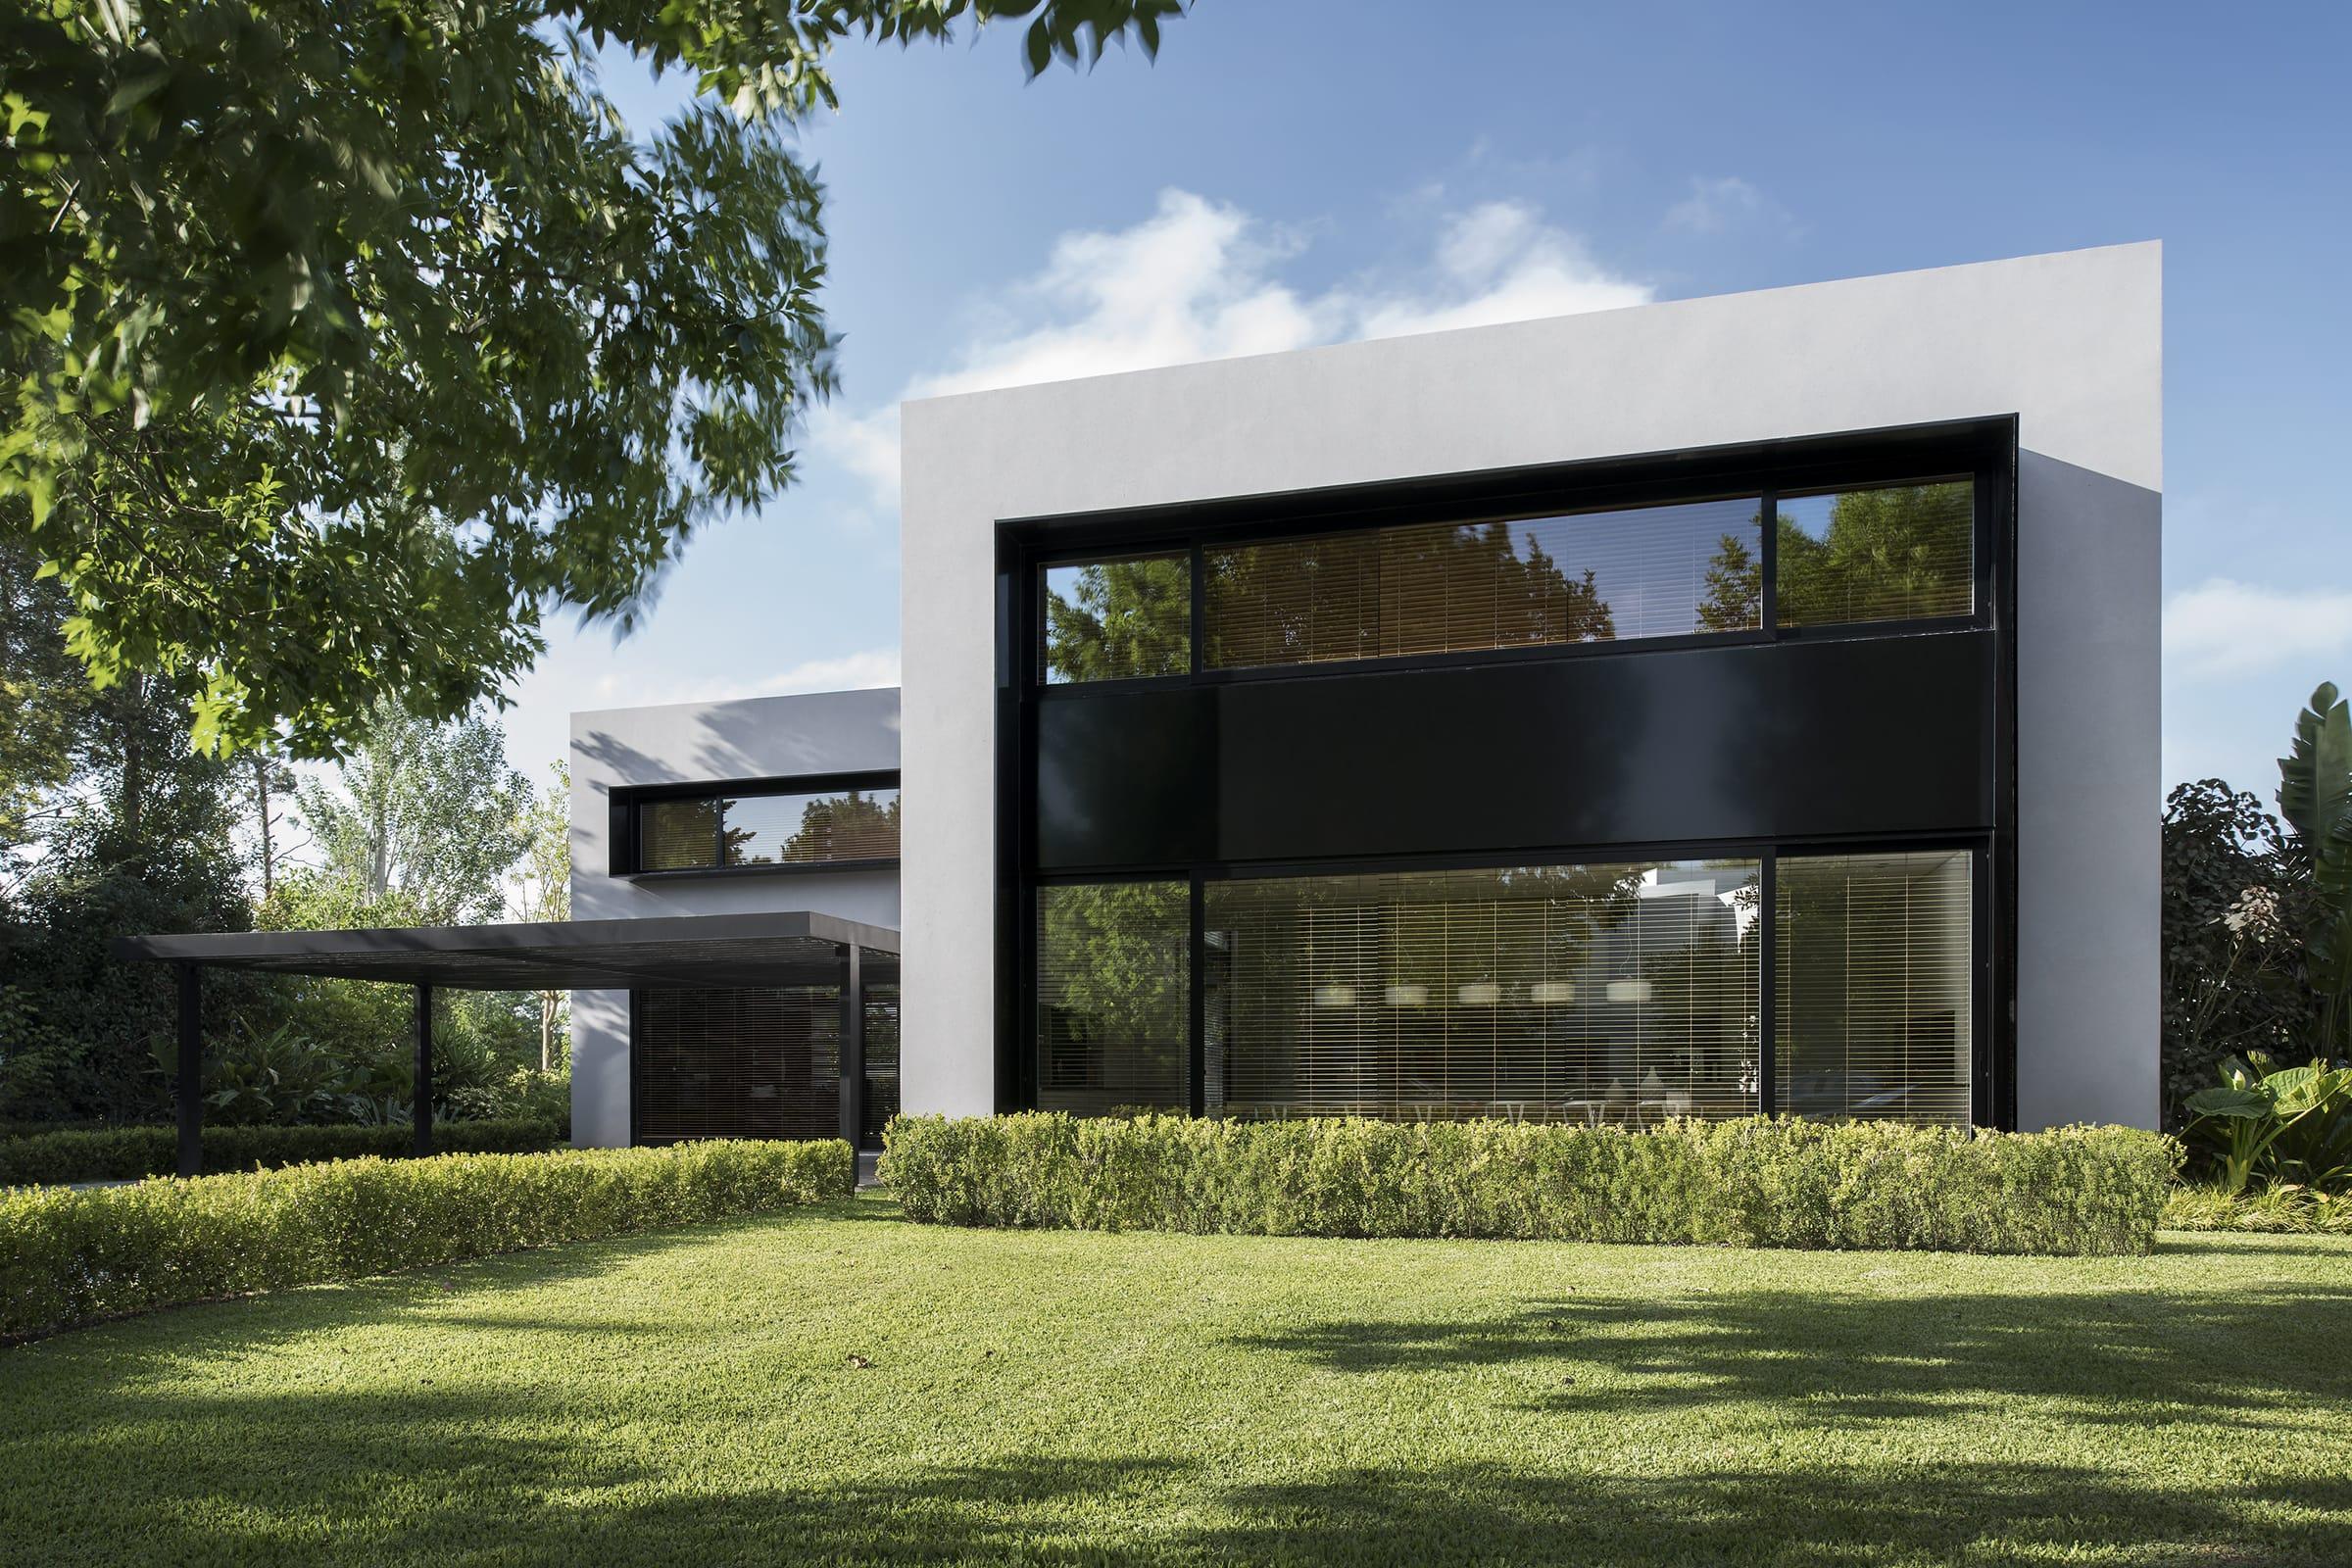 Grandes ventanales funden la construcción con el verde que rodea la casa